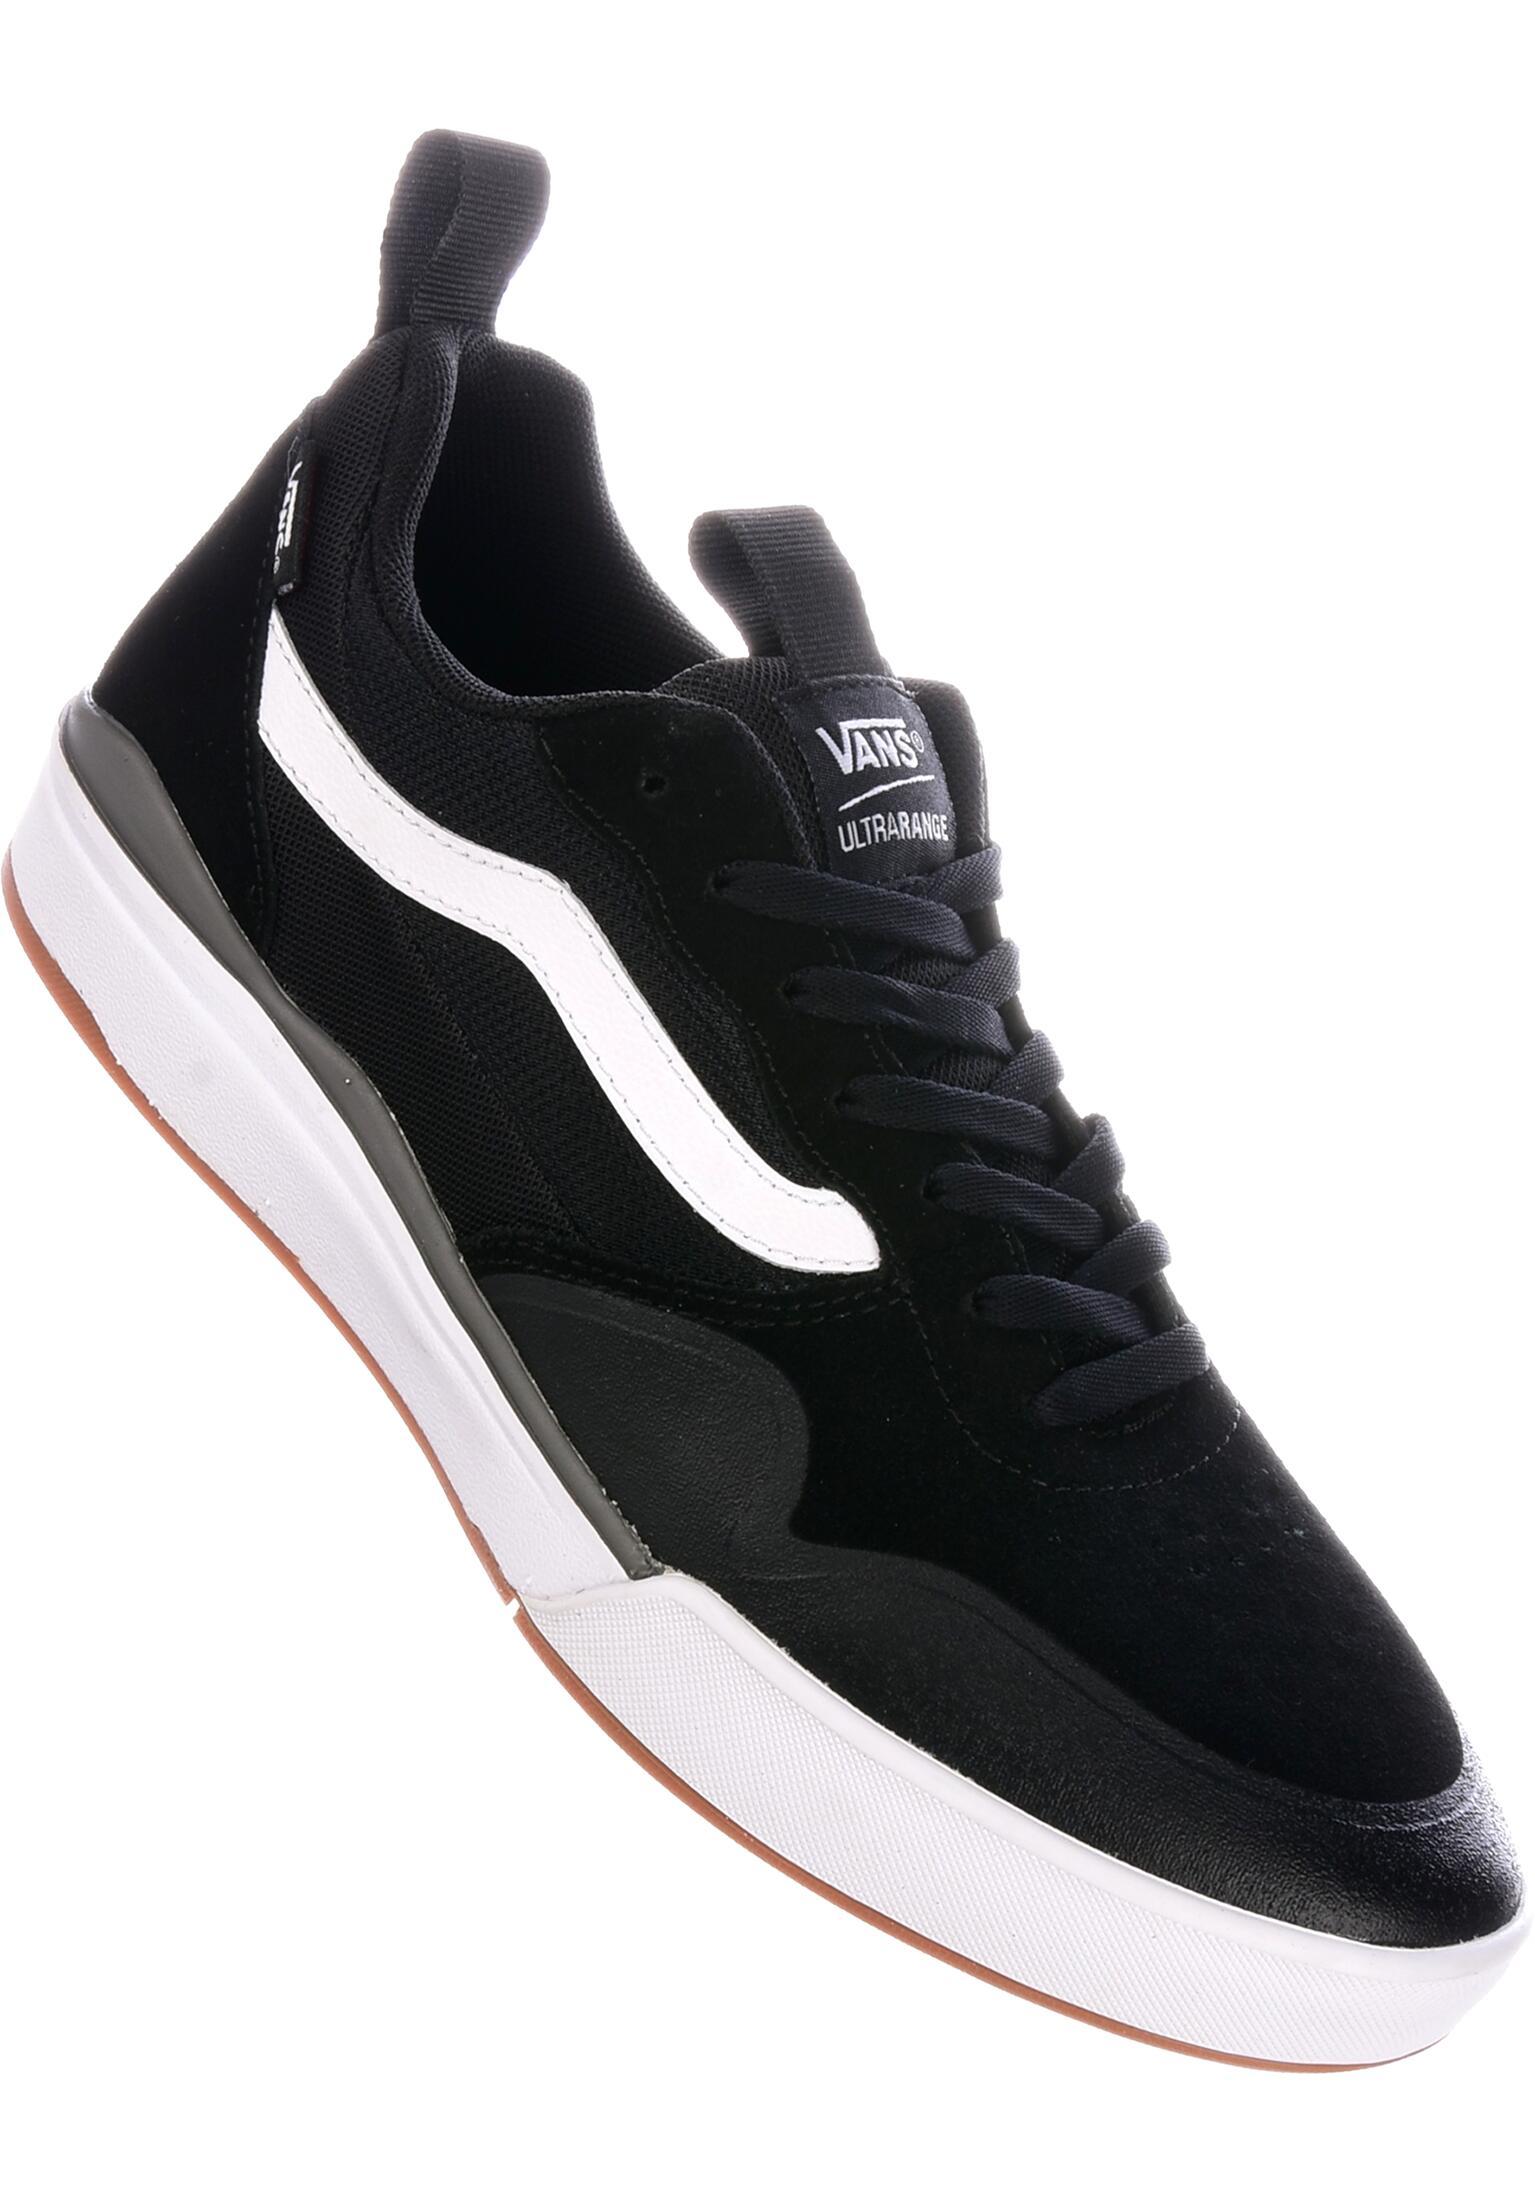 e8dfcbe1fa1 UltraRange Pro 2 Vans All Shoes in black-white for Men